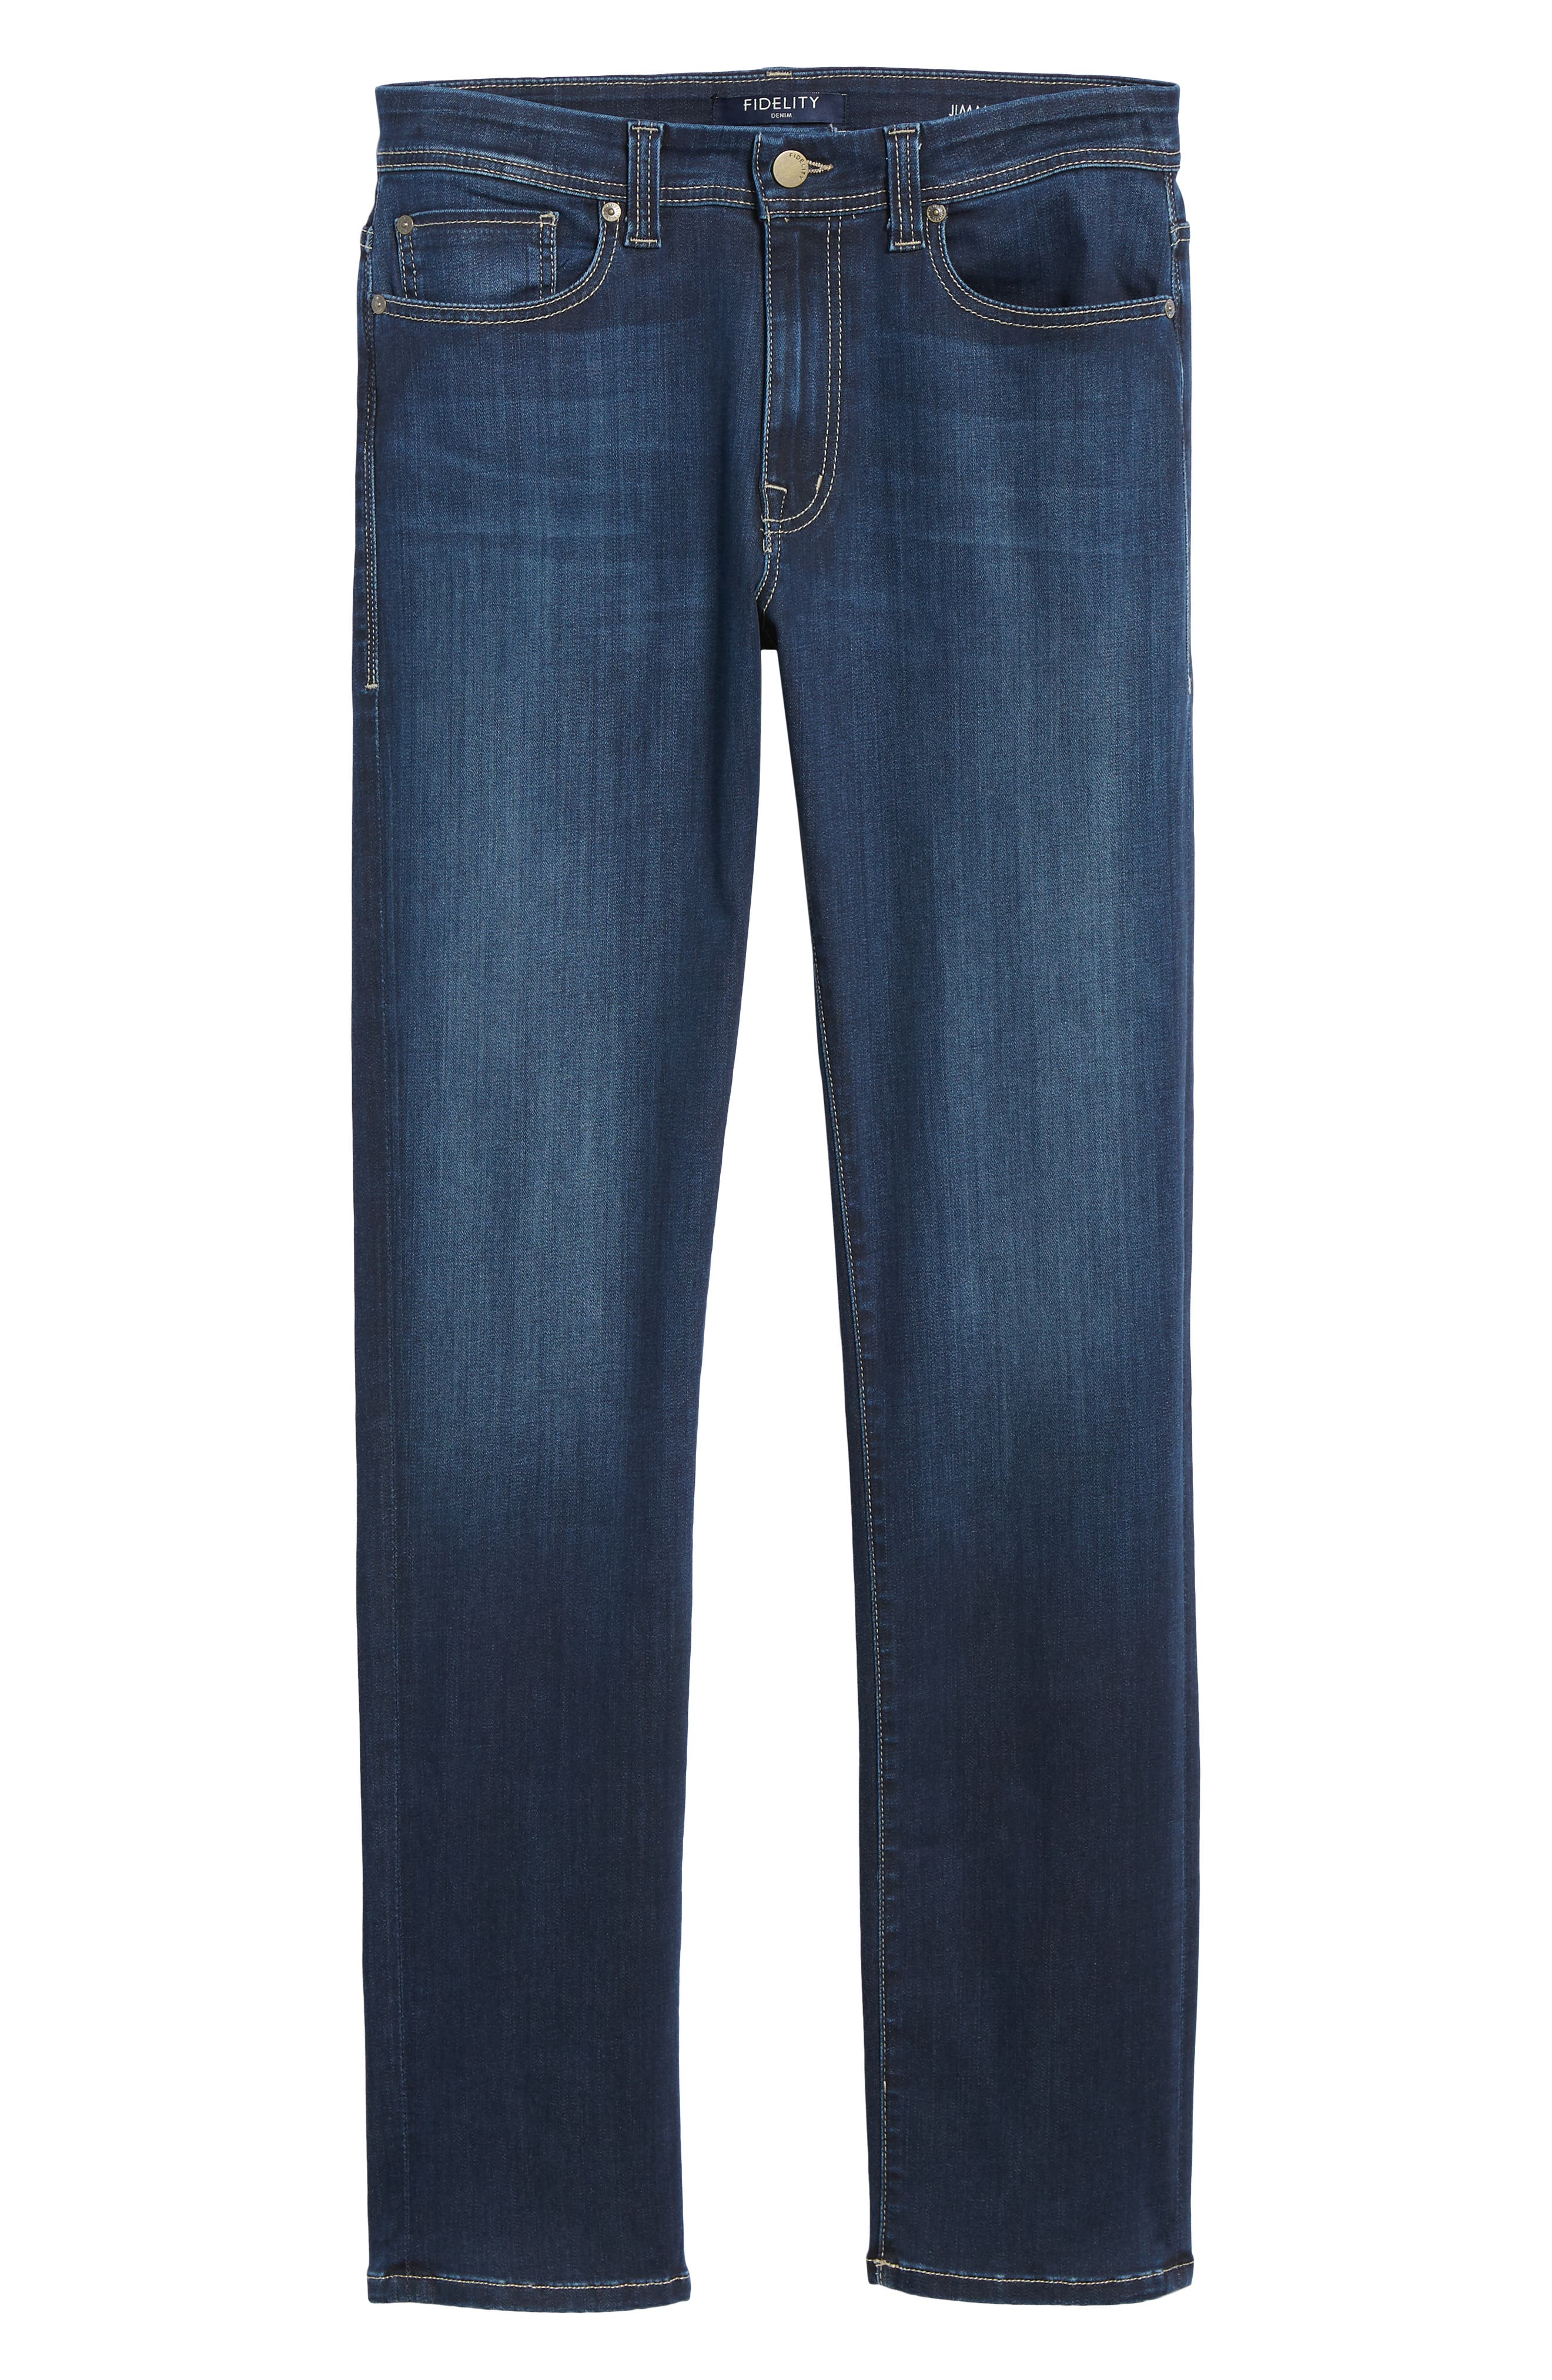 Jimmy Slim Straight Leg Jeans,                             Alternate thumbnail 6, color,                             STRIKER